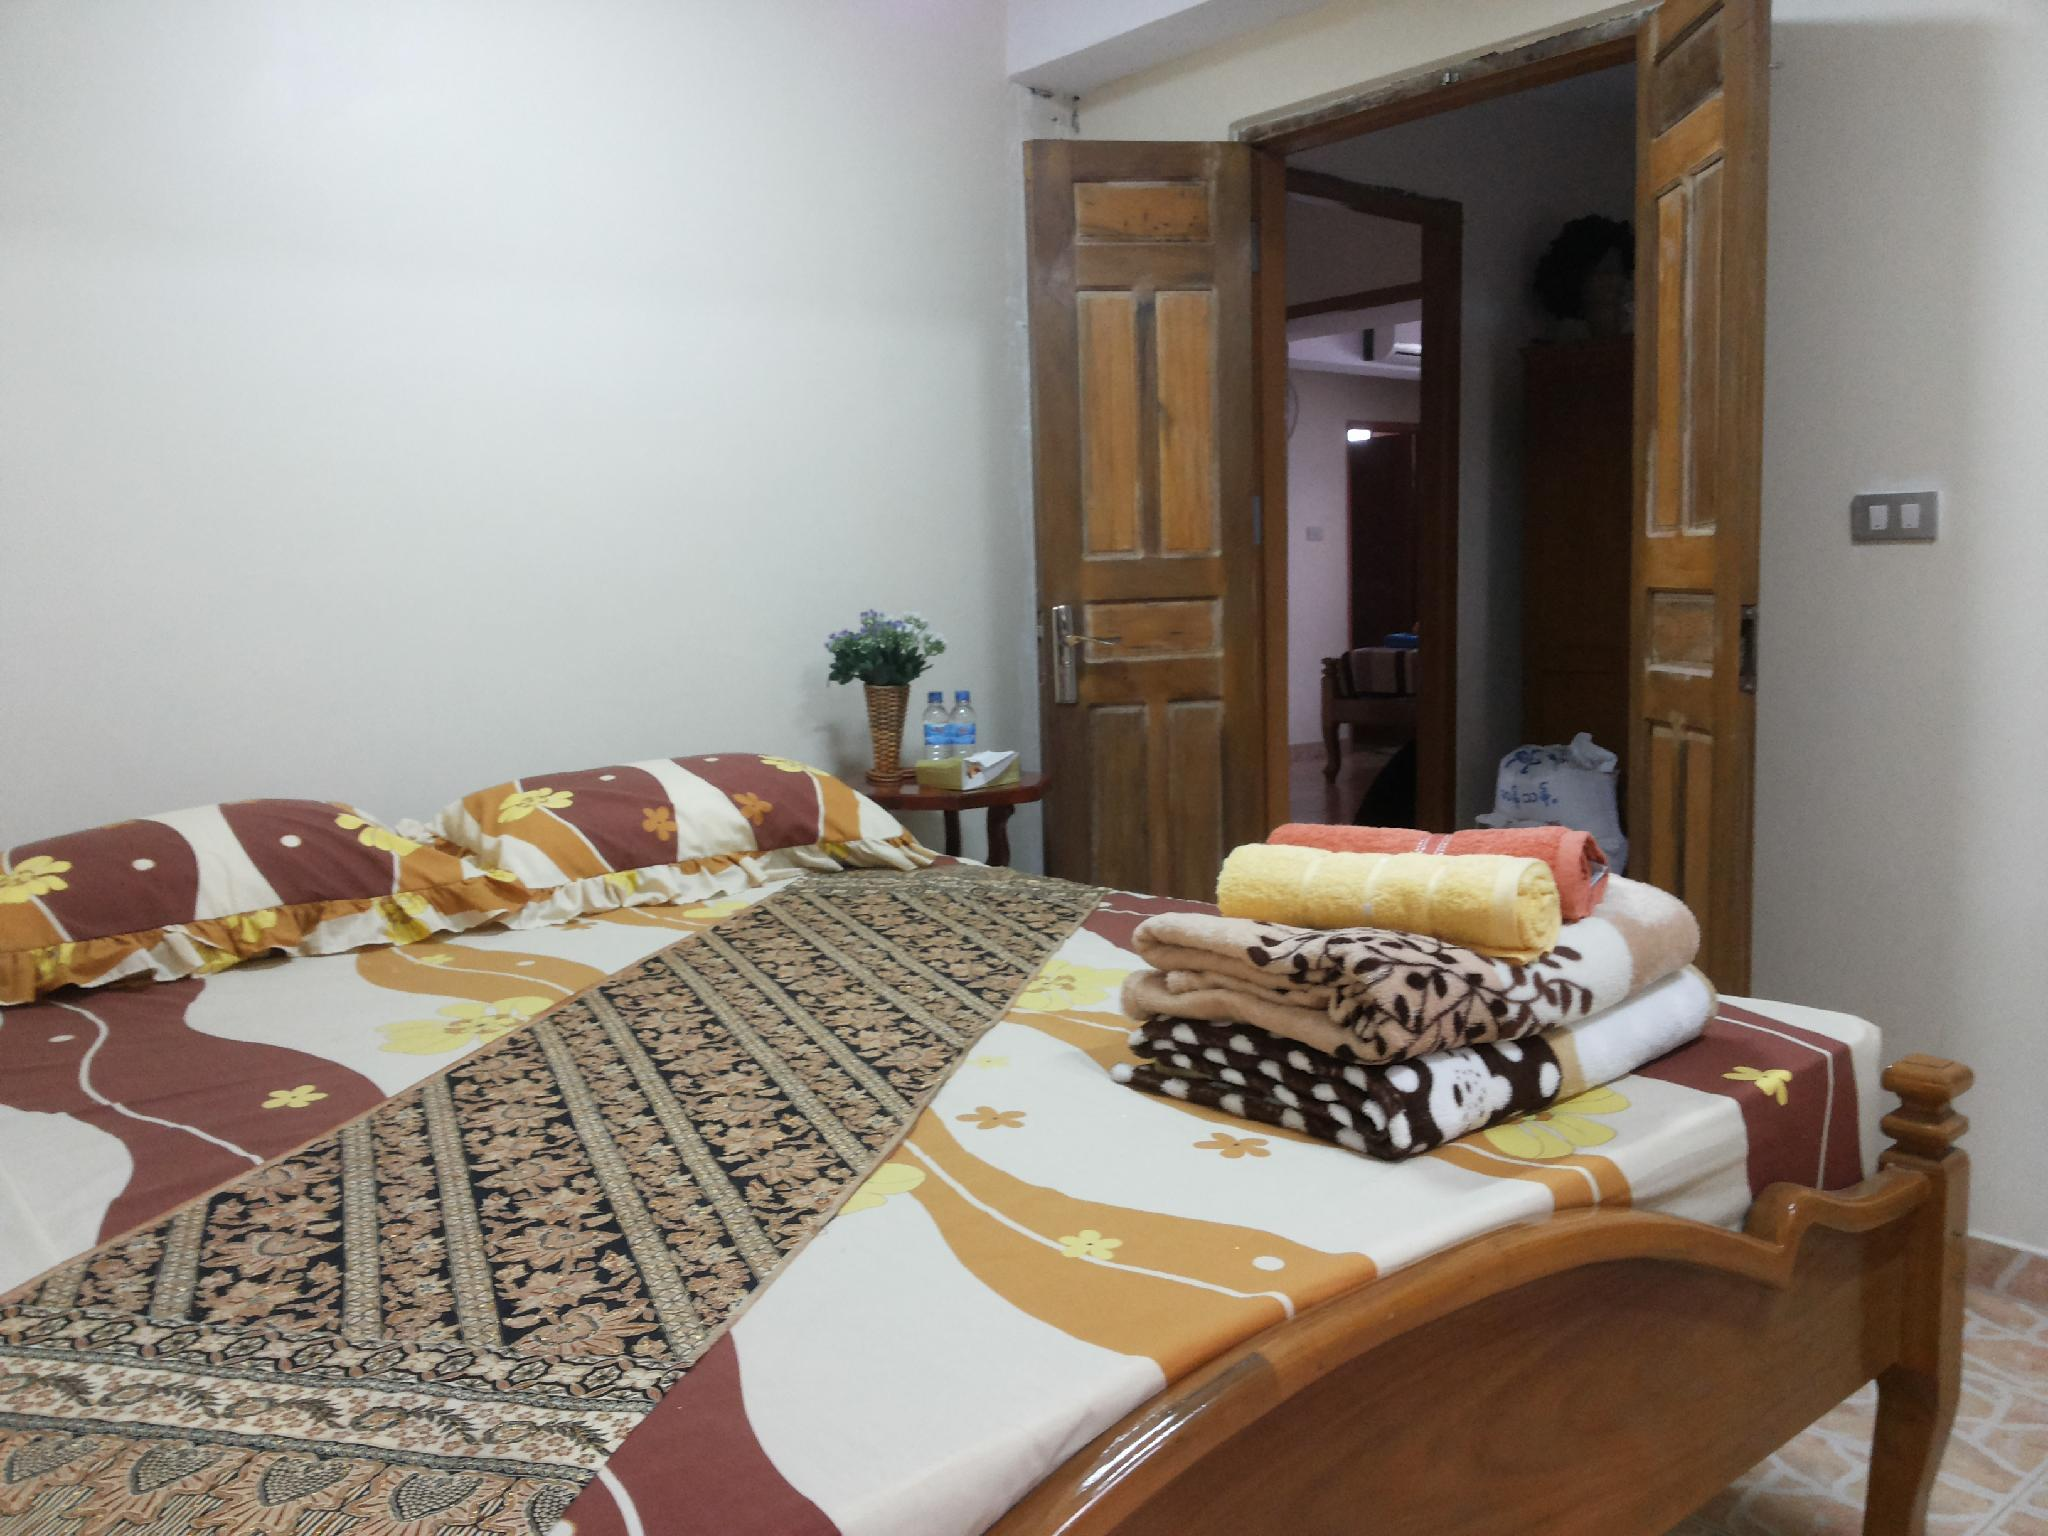 อพาร์ตเมนต์ 6 ห้องนอน 7 ห้องน้ำส่วนตัว ขนาด 60 ตร.ม. – เย